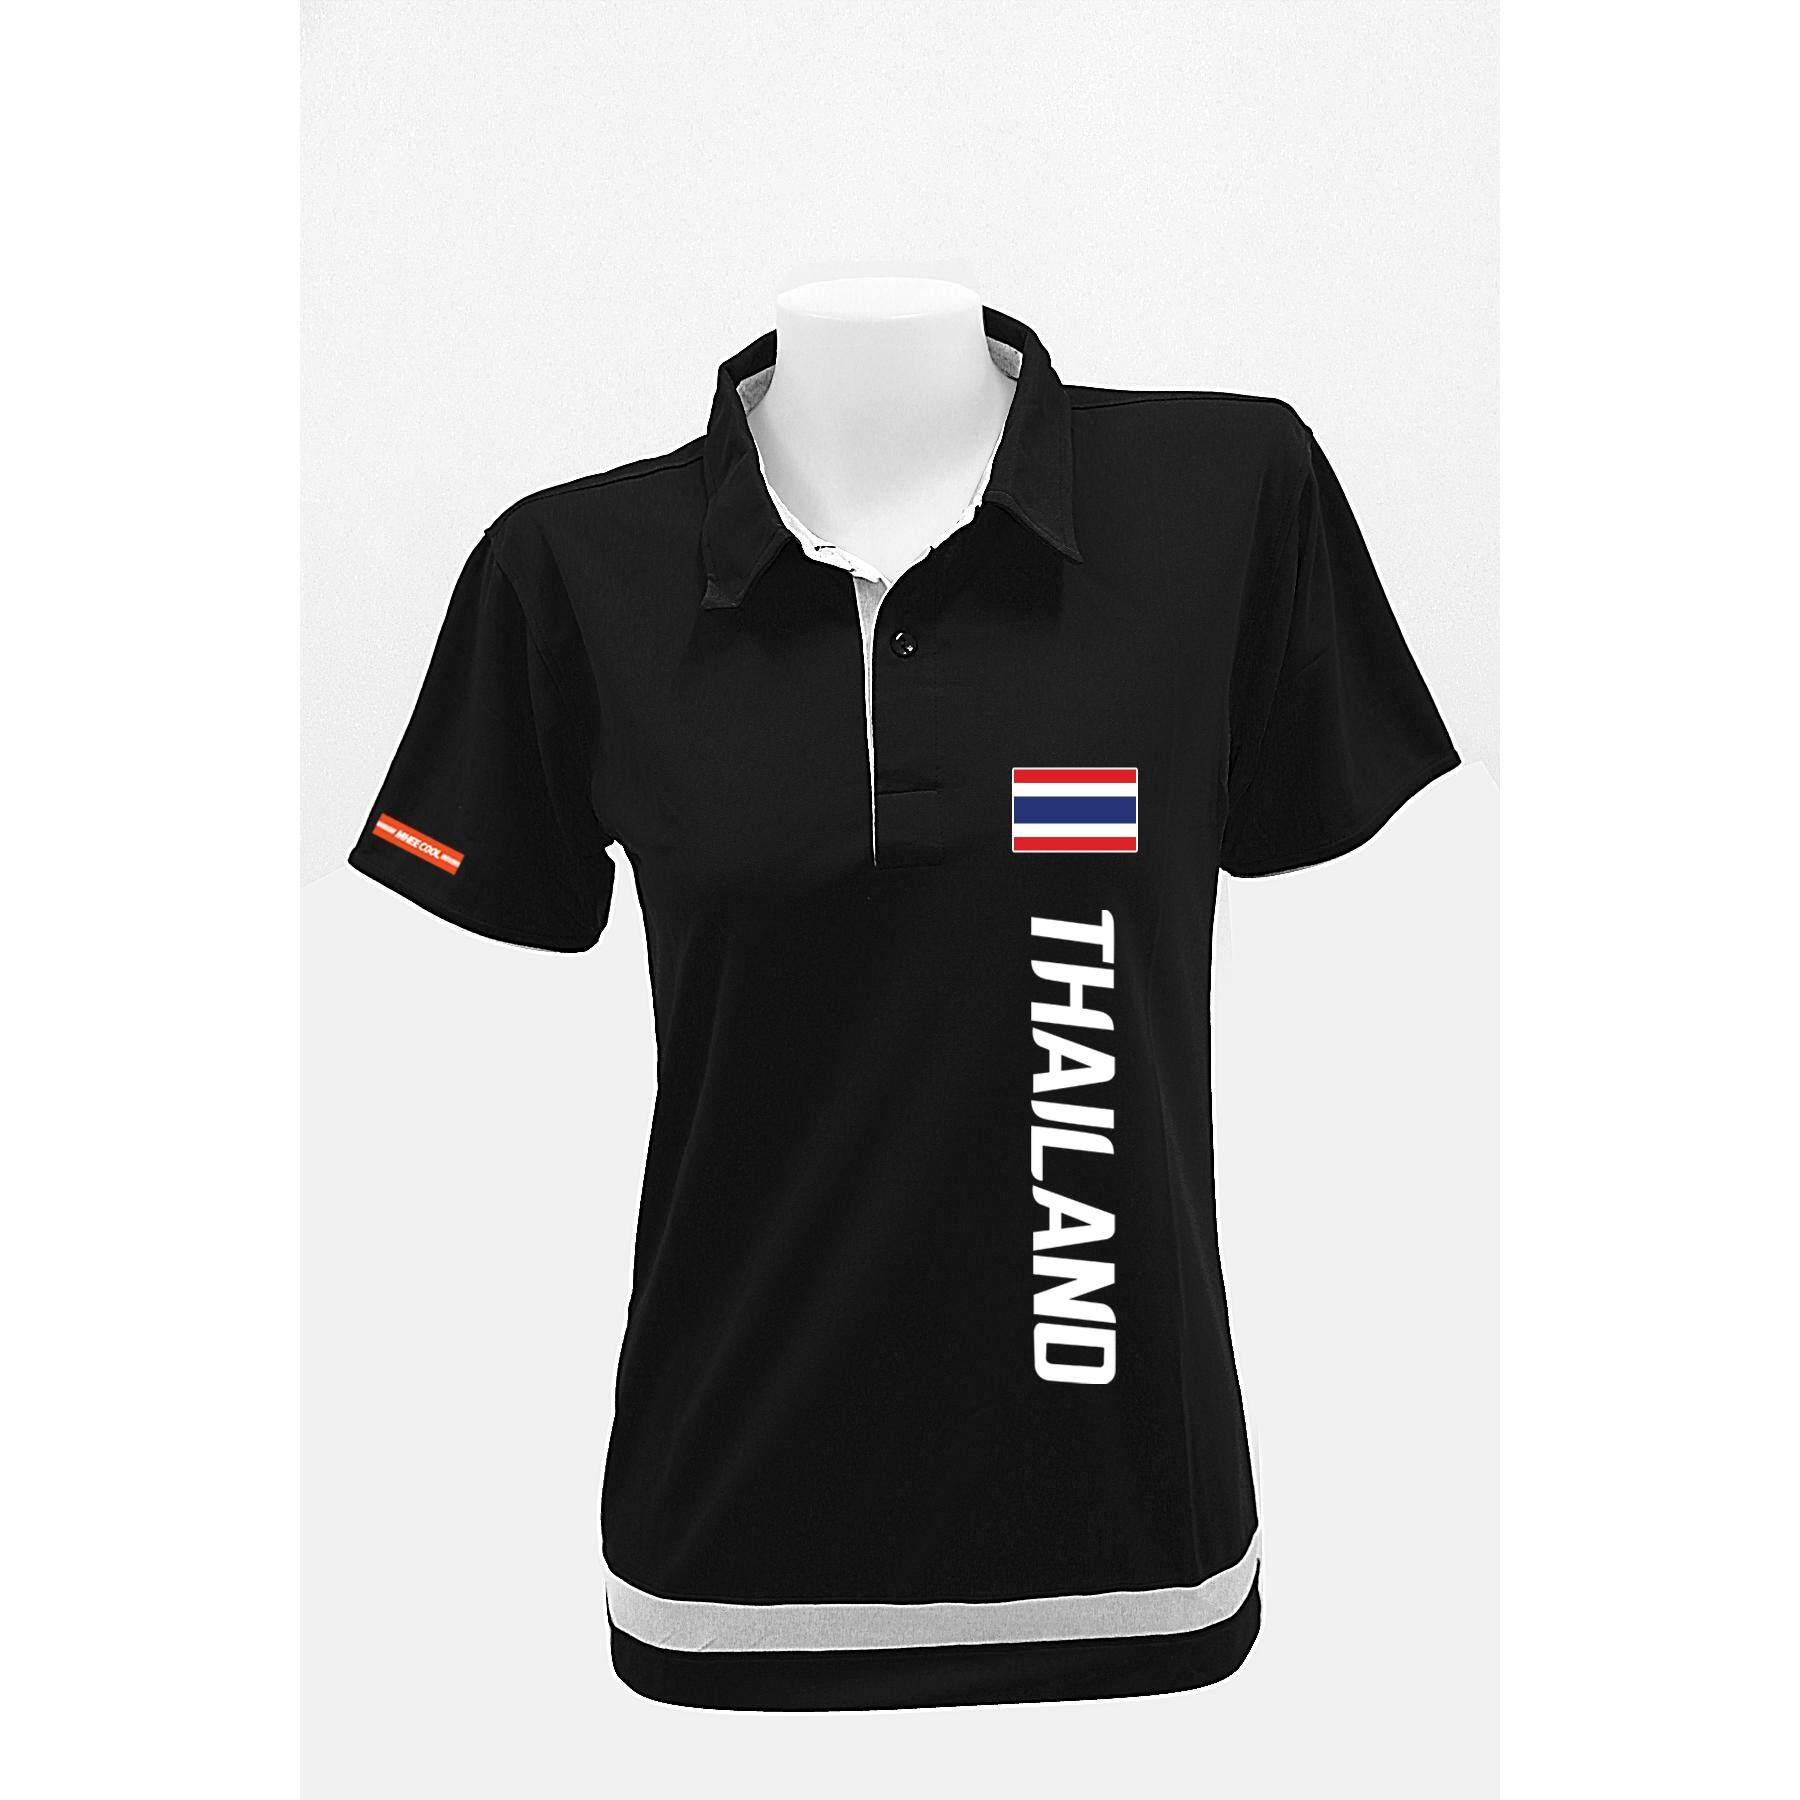 ราคา Mheecool เสื้อโปโล Pro1 สีดำ ใหม่ ถูก